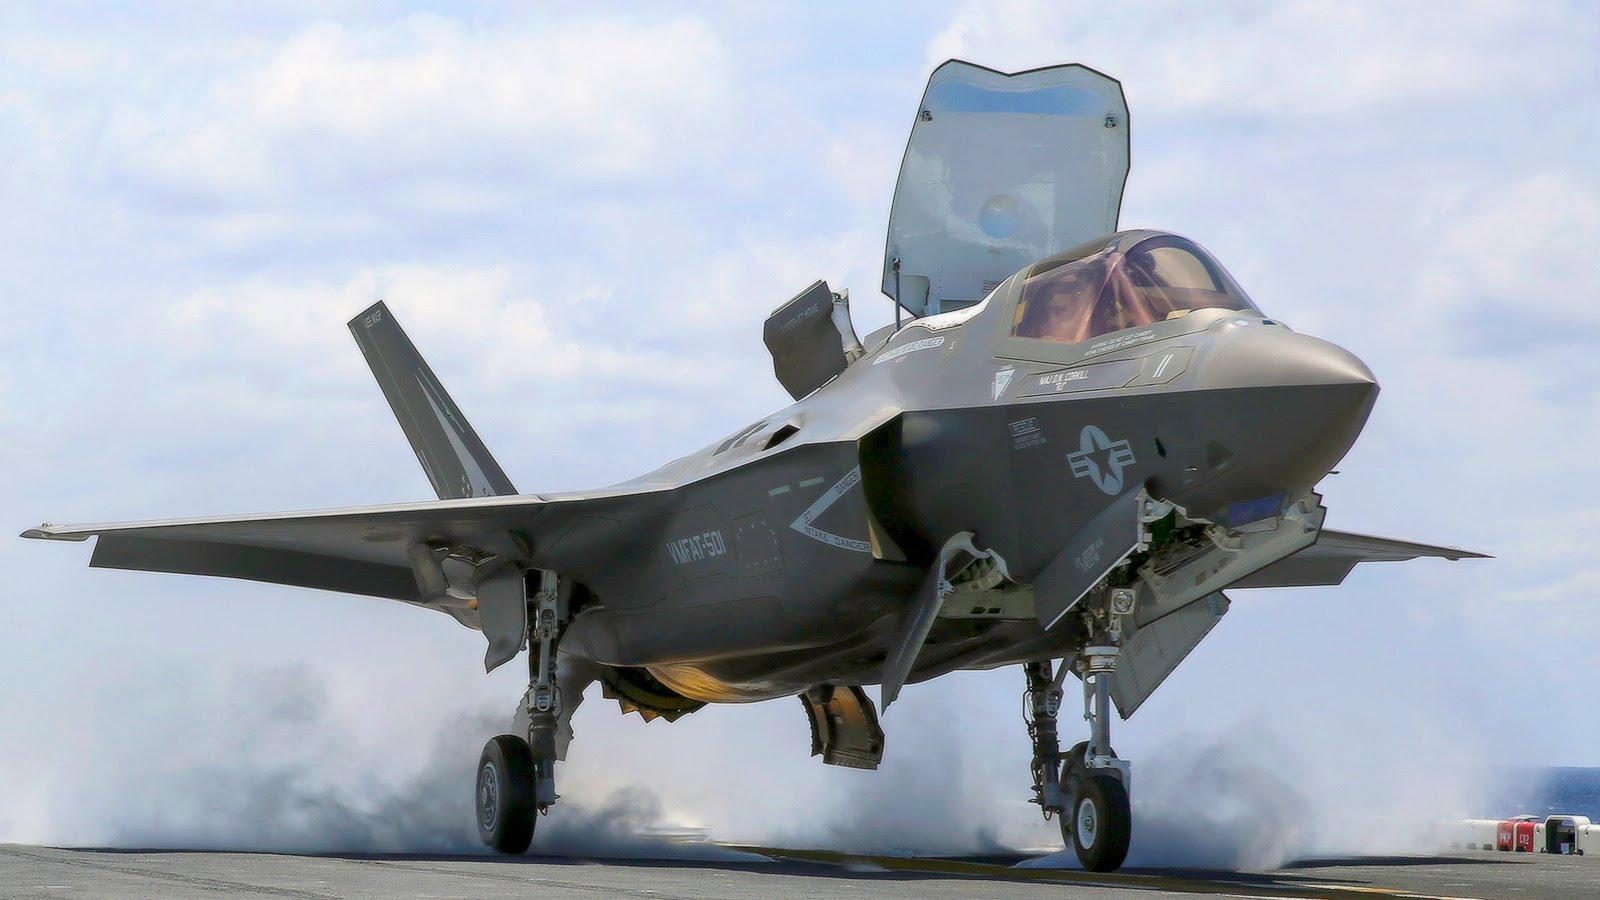 Chiến hạm Mỹ mang chiến đấu cơ F-35 áp sát Triều Tiên - 2